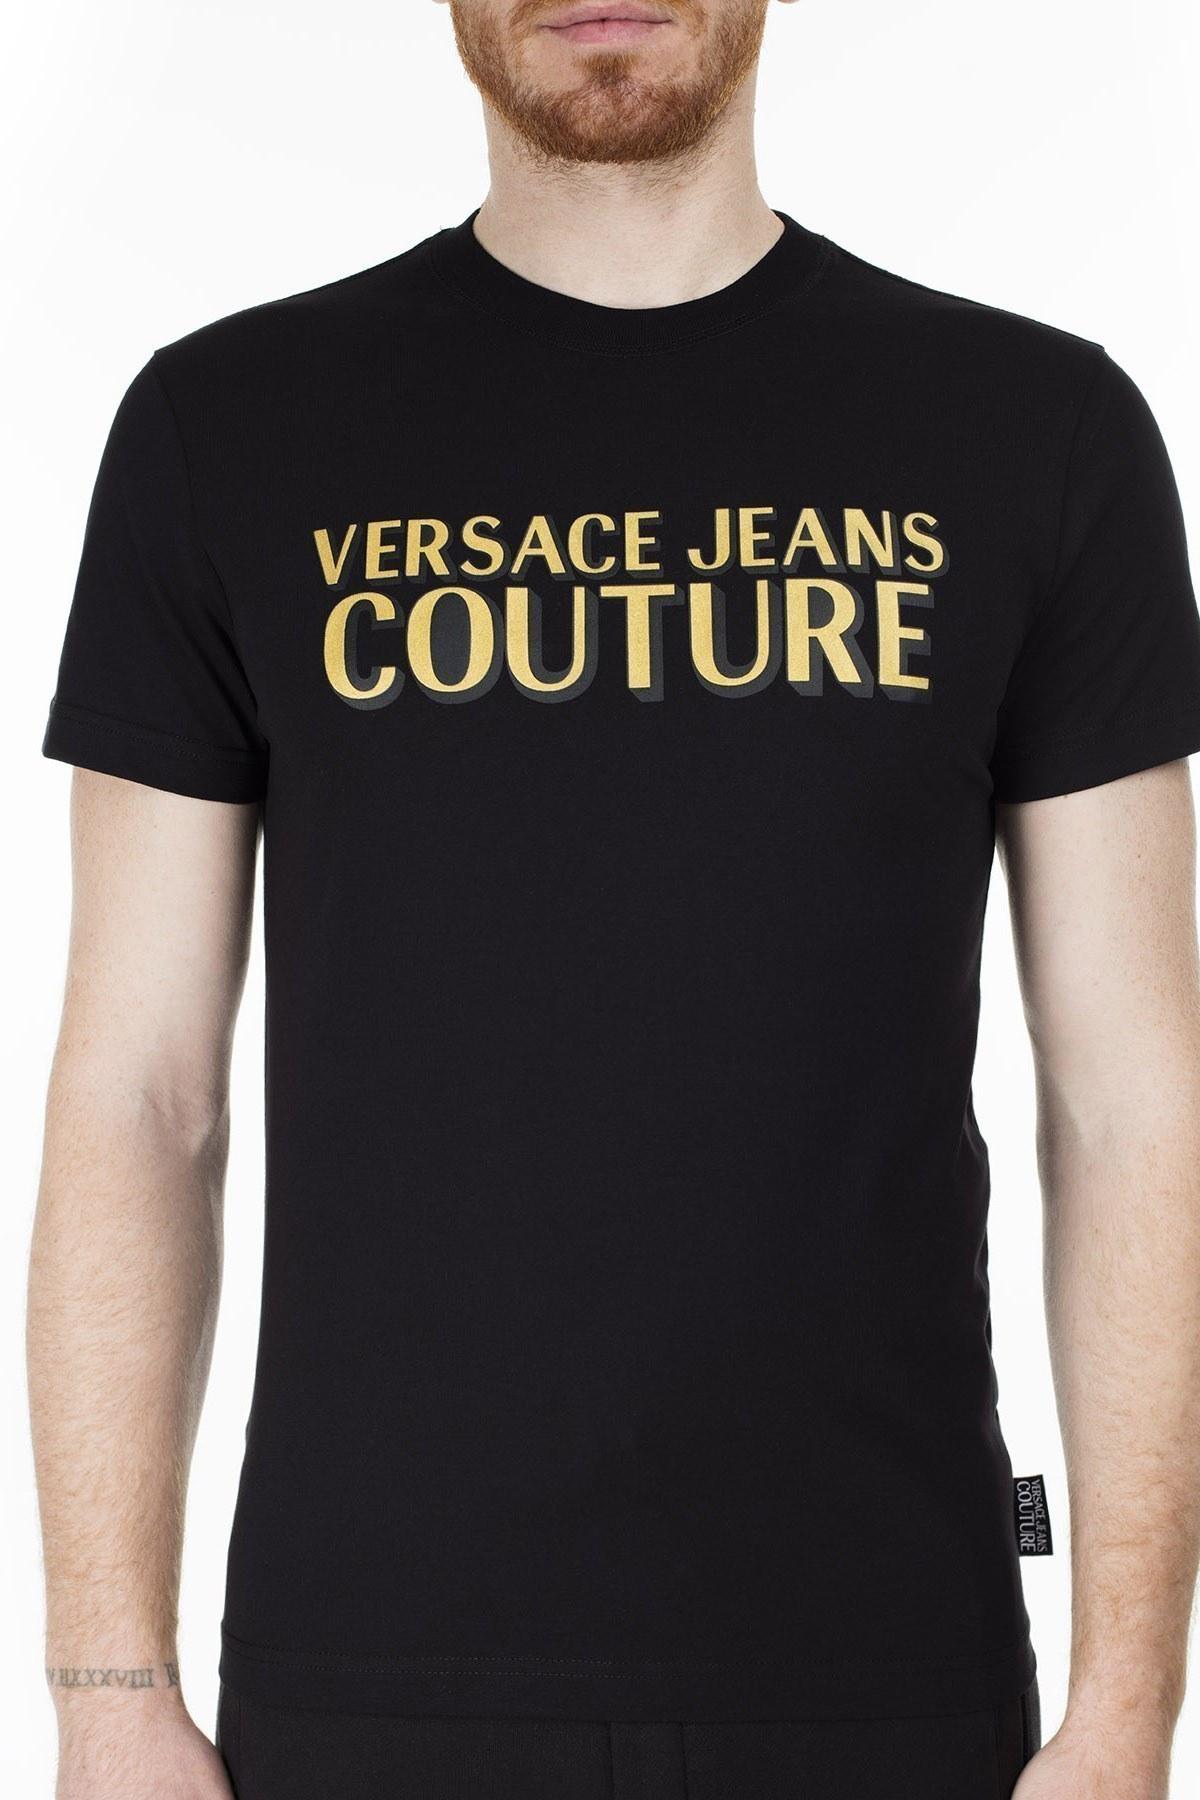 Versace Jeans Couture Slim Fit Erkek T Shirt B3GVB7KA 30327 K42 SİYAH